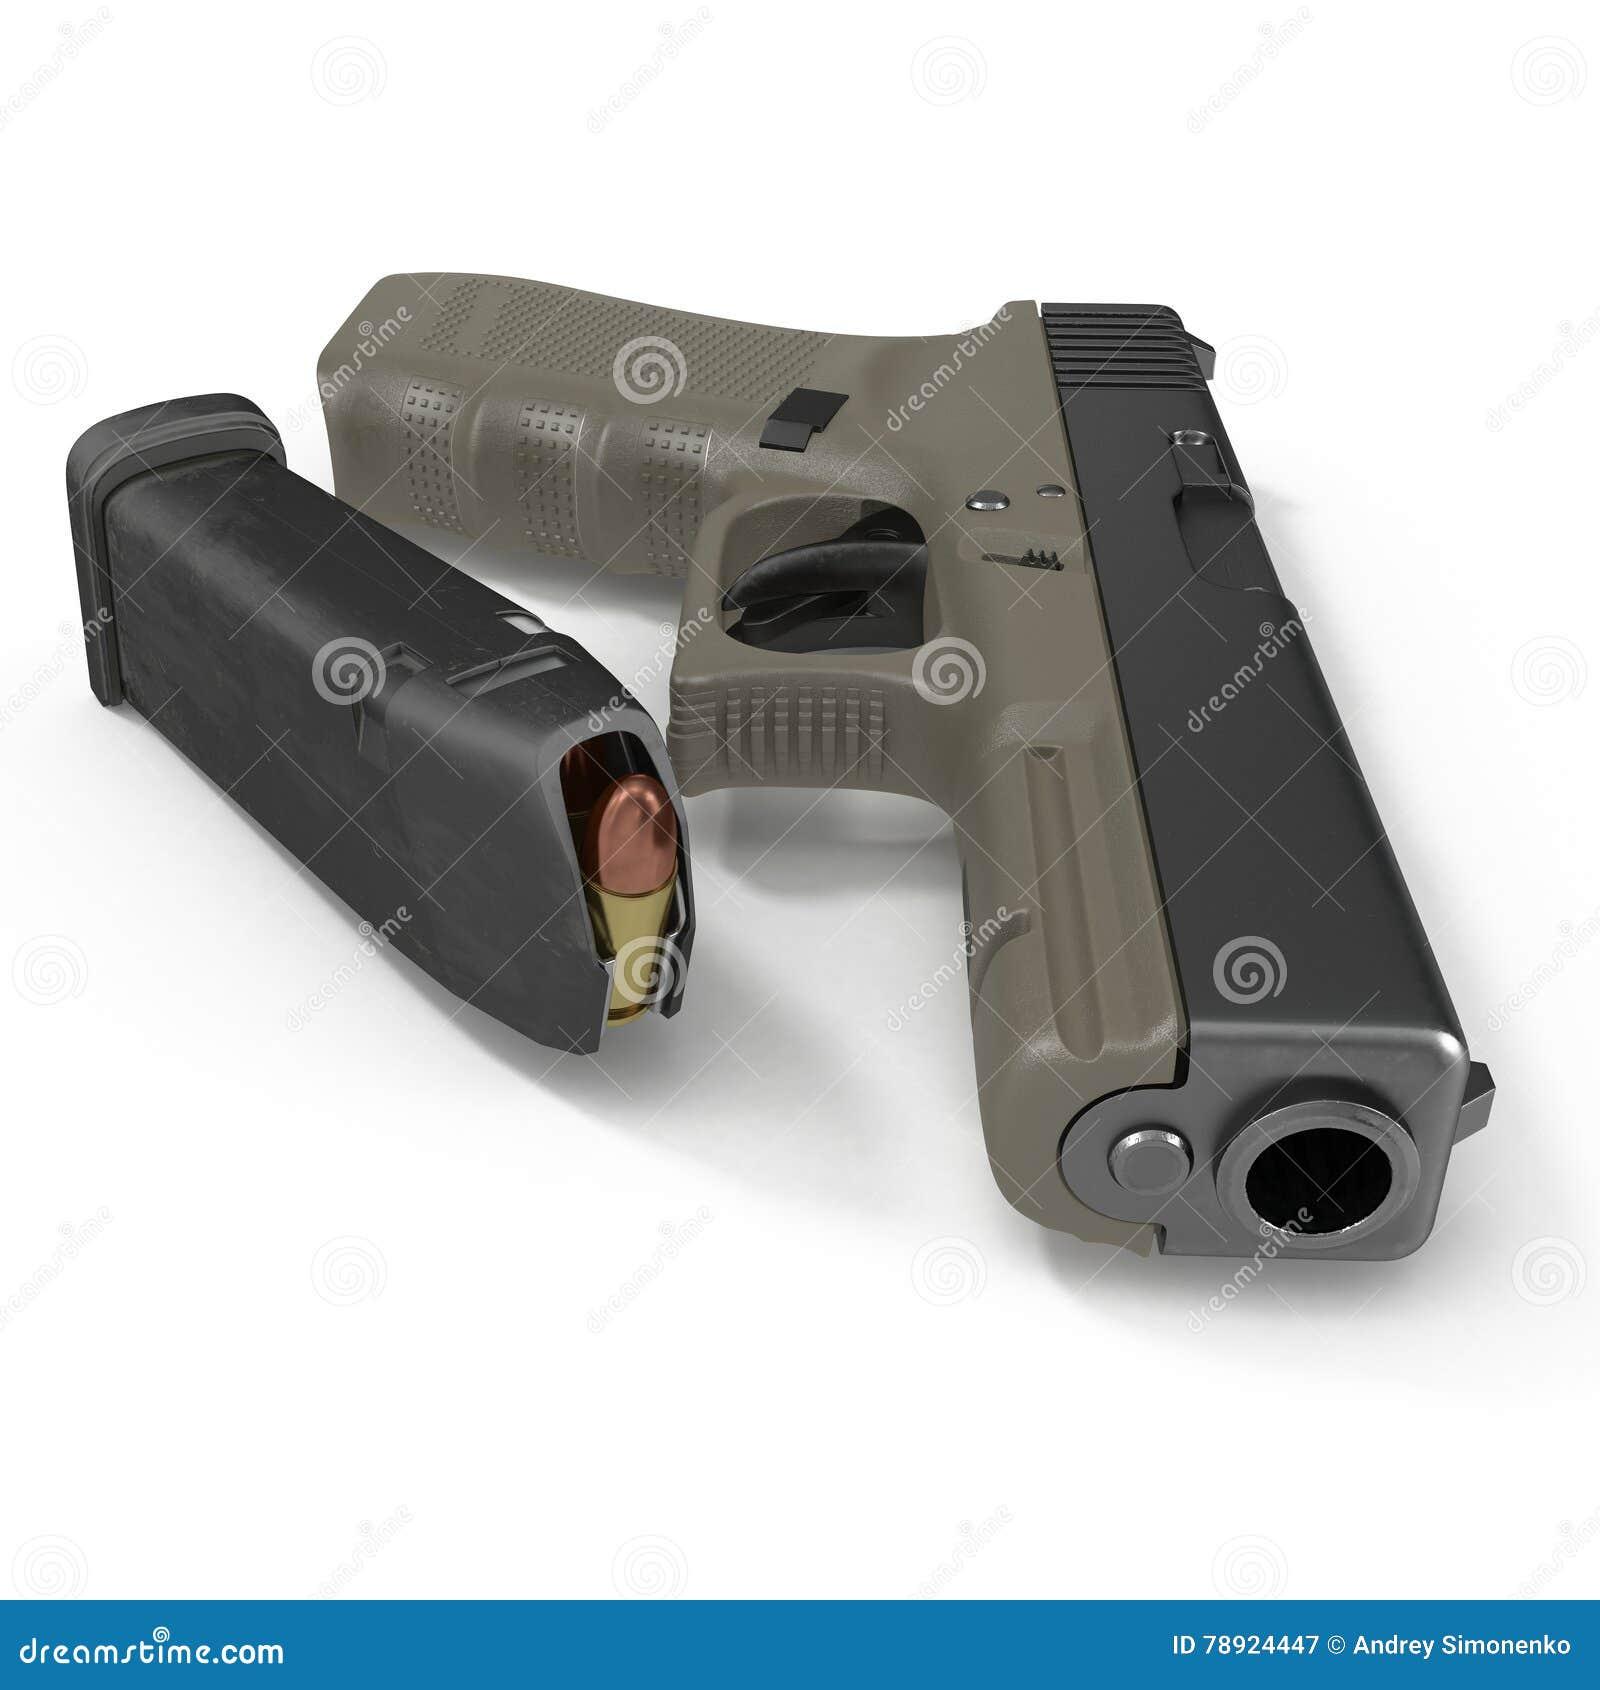 Ημι αυτόματο πιστόλι με το περιοδικό και πυρομαχικά σε ένα λευκό τρισδιάστατη απεικόνιση